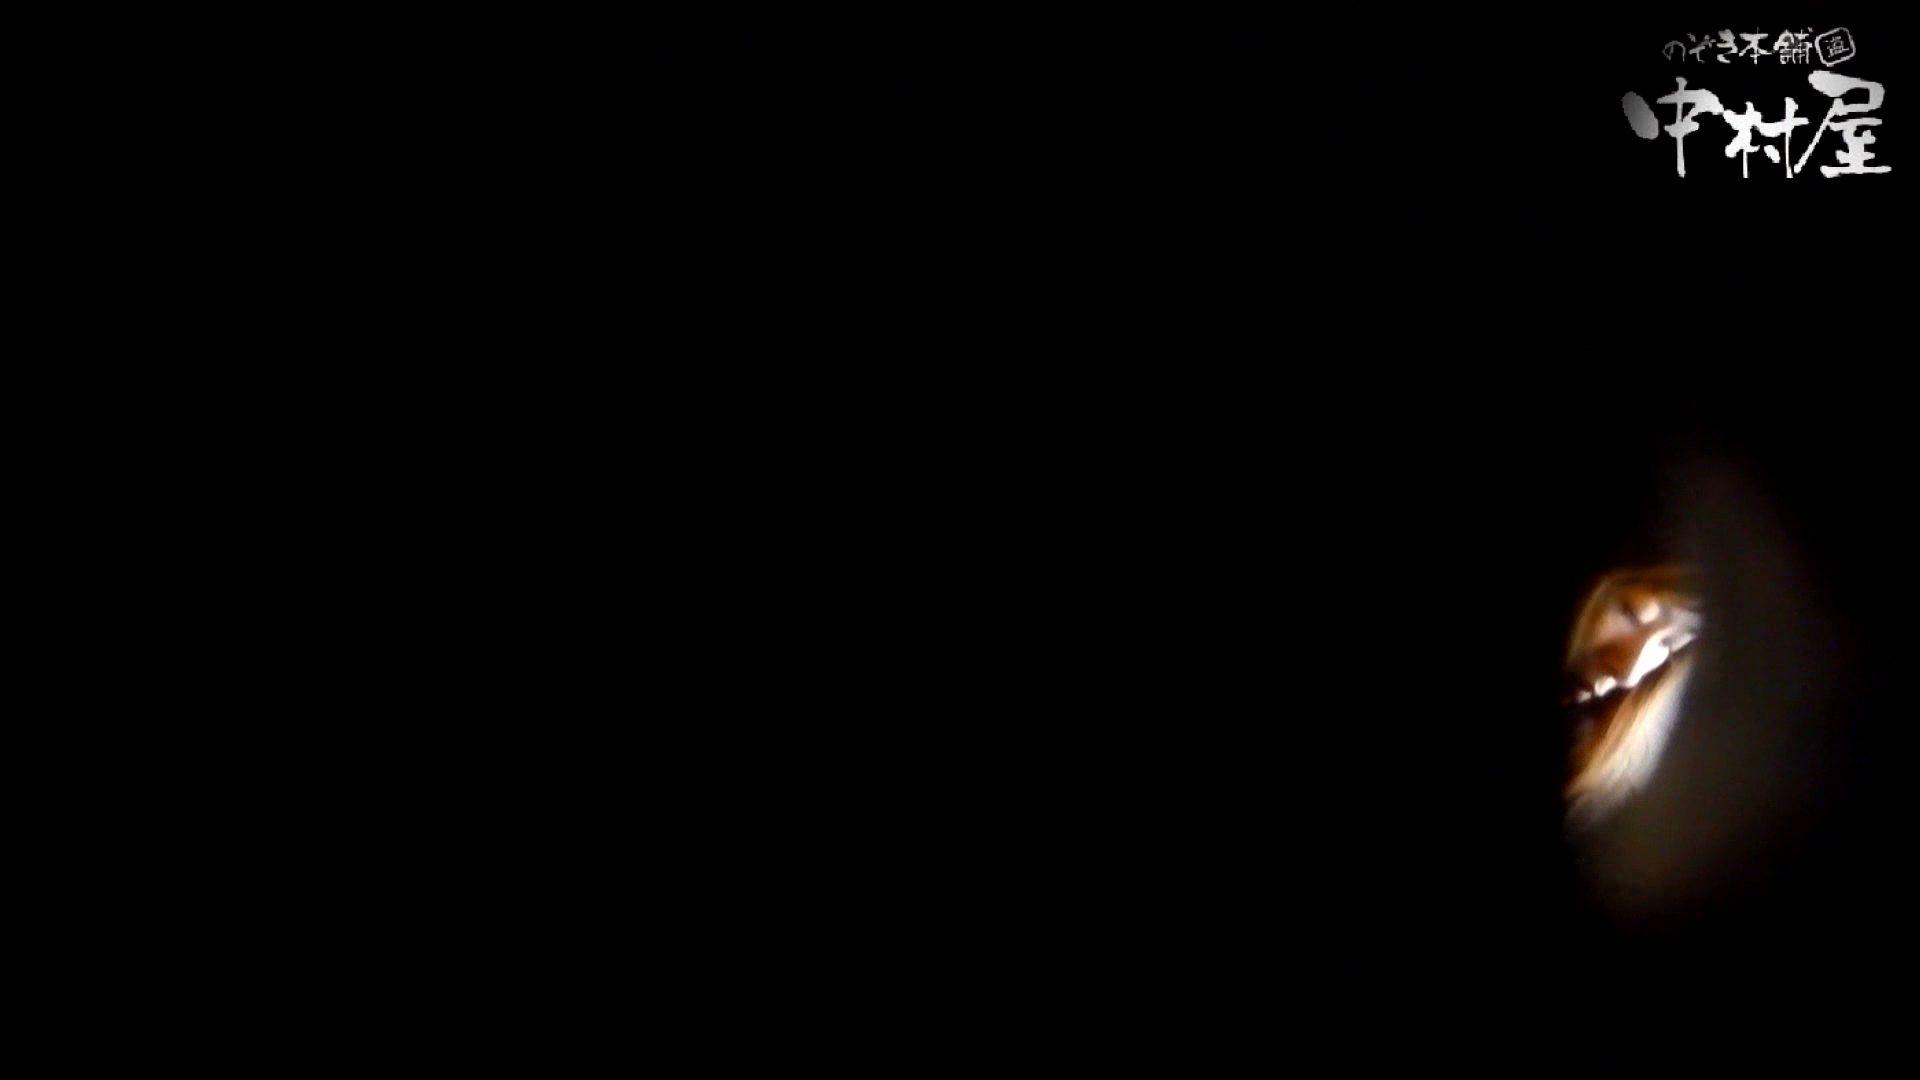 【世界の射窓から】世界の射窓から vol.7 洗面所編  95PIX 14